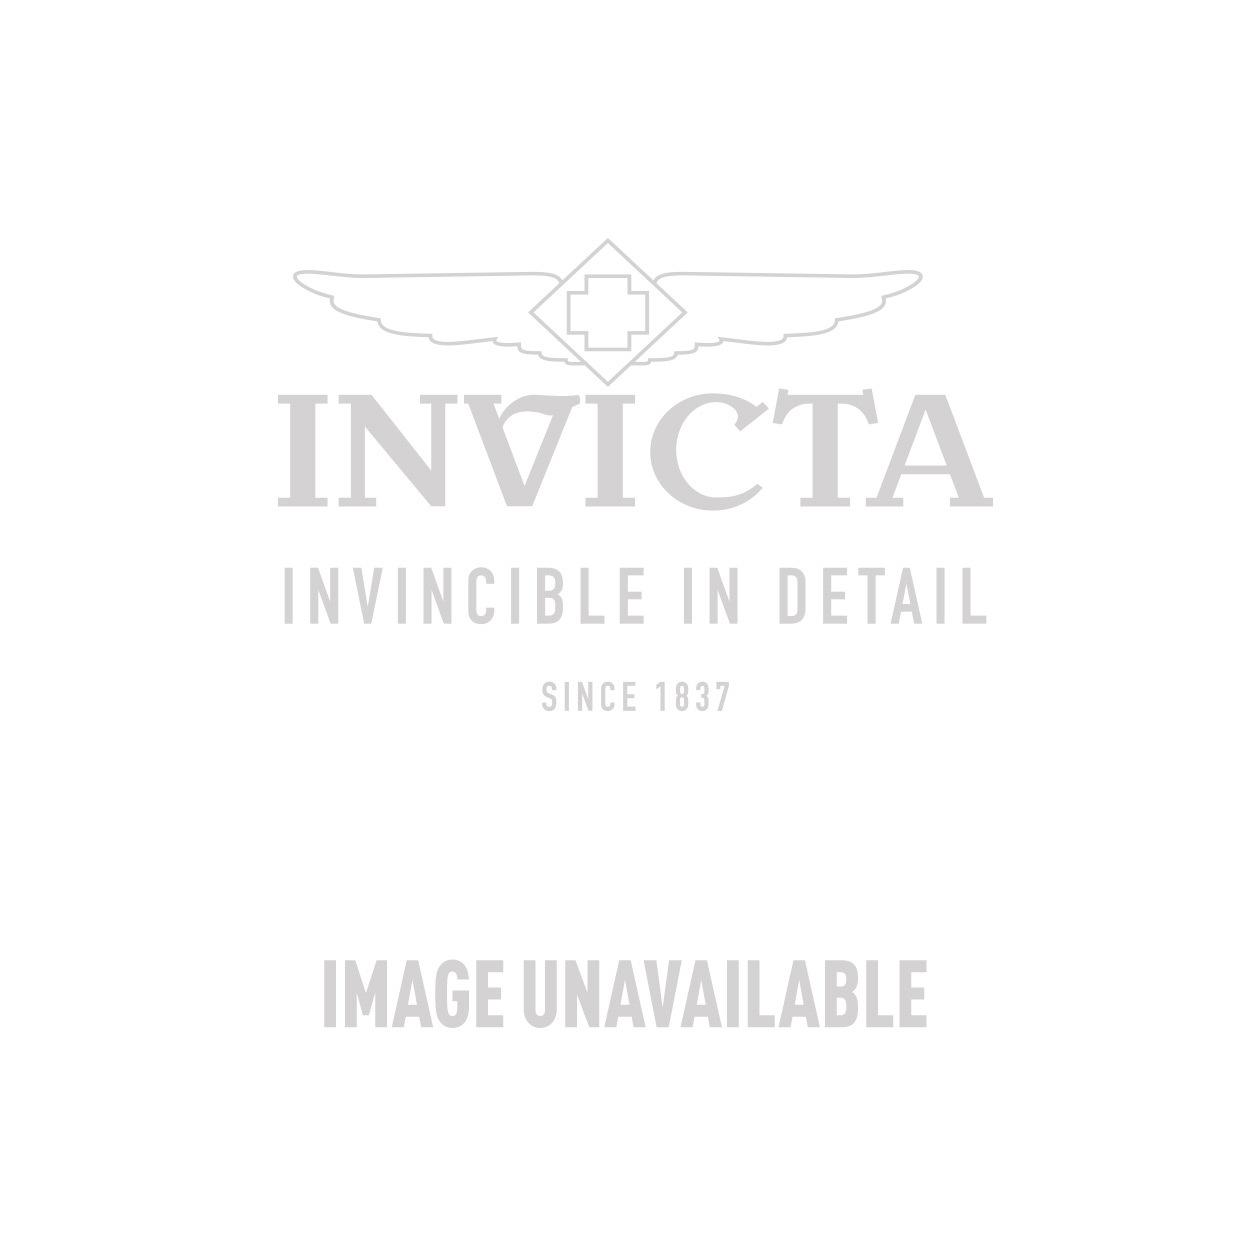 Invicta Model 28255